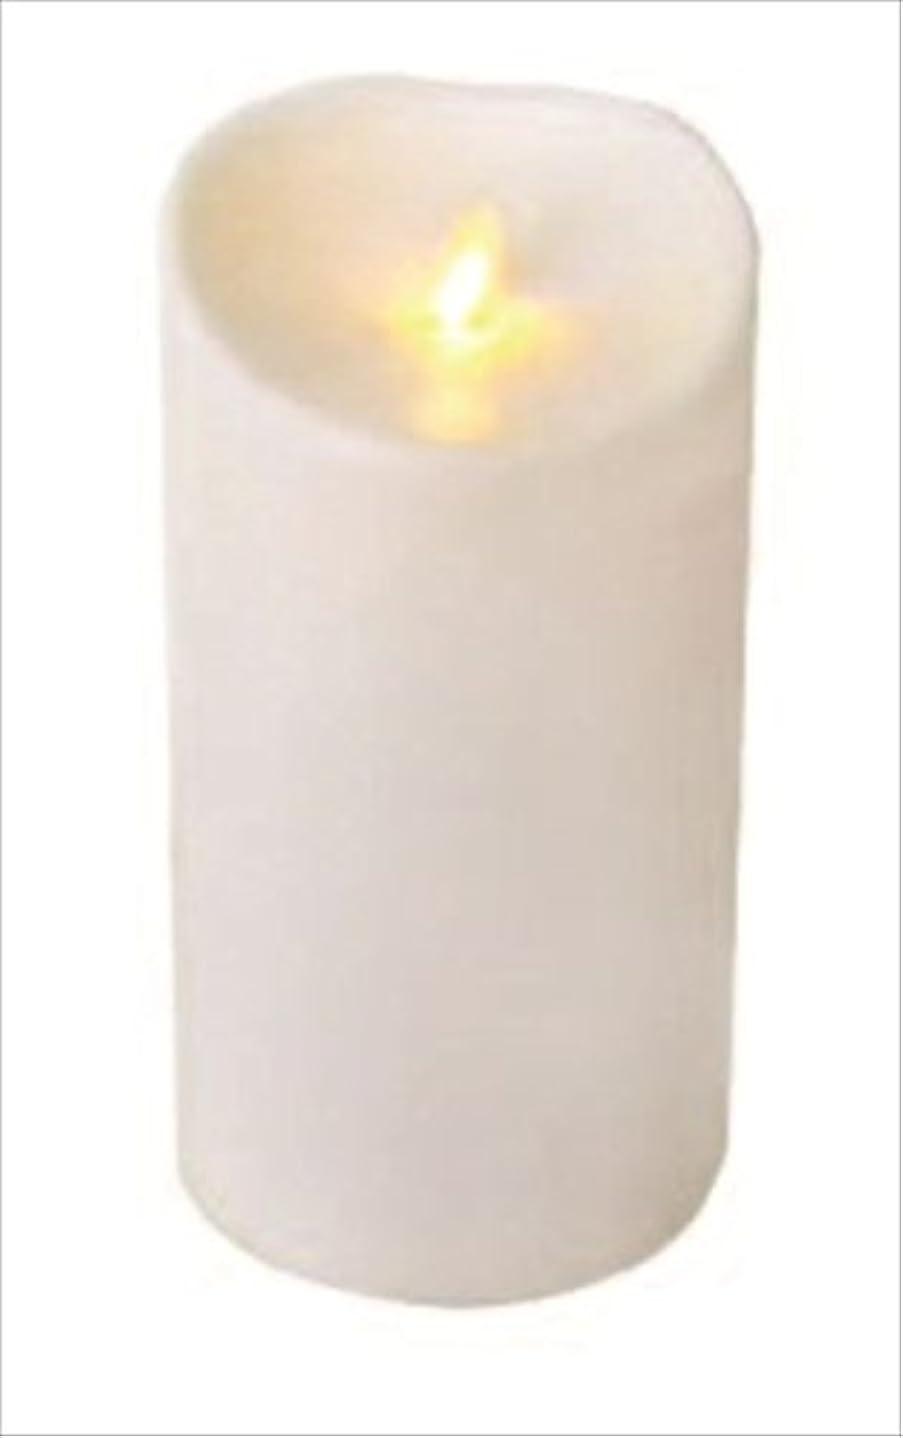 適応的ピジン創始者ルミナラ(LUMINARA) LUMINARA(ルミナラ)アウトドアピラー3.75×7 「 アイボリー 」 03060000